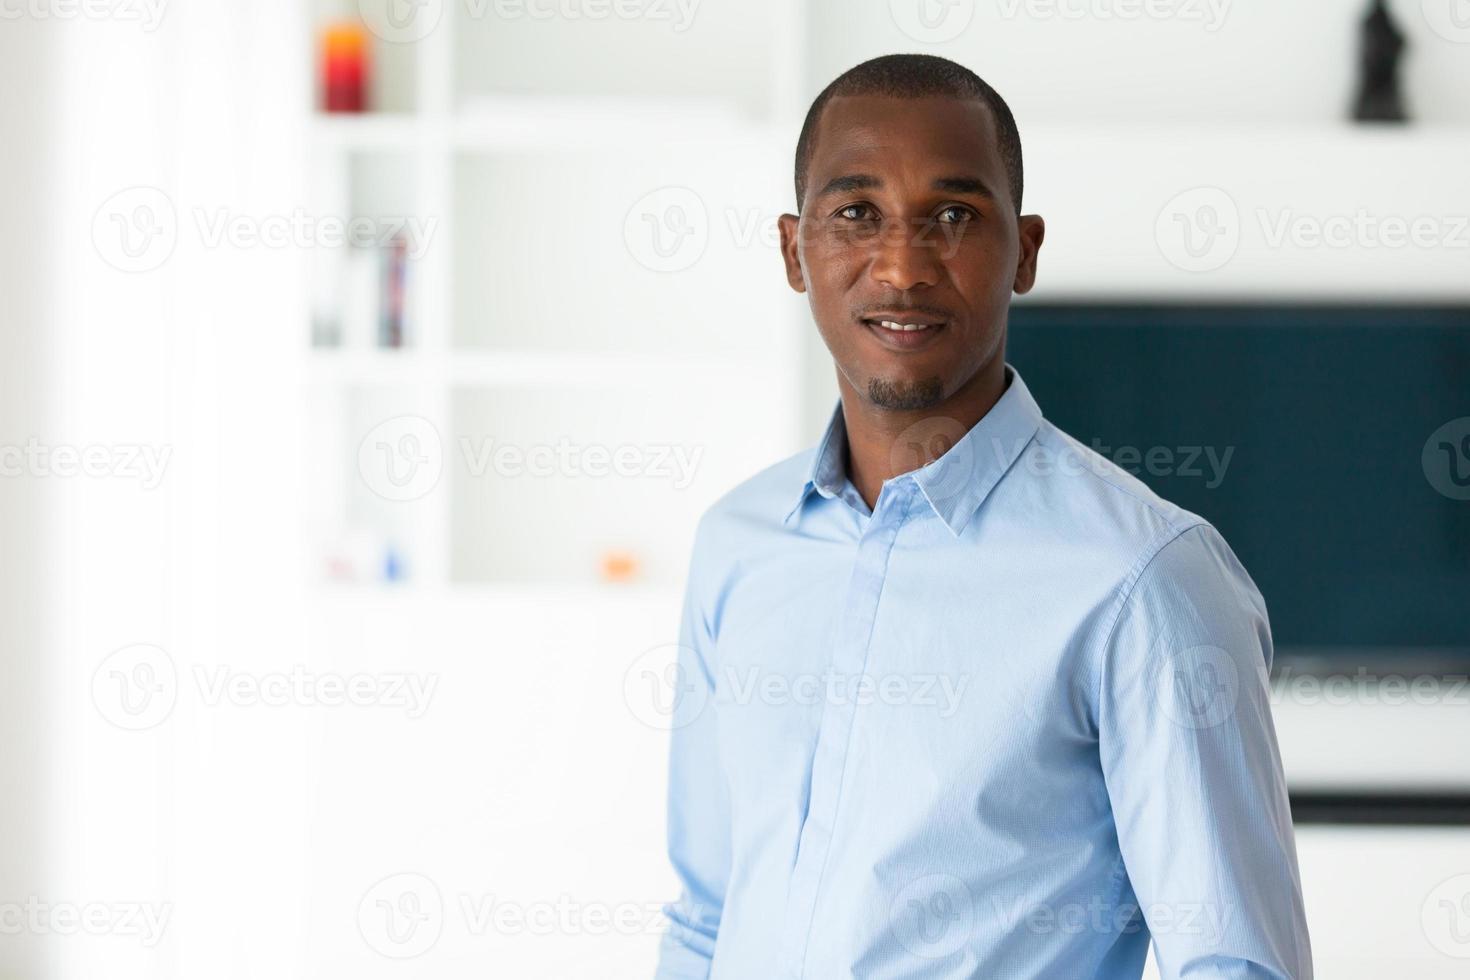 giovane uomo d'affari americano africano - persone di colore foto